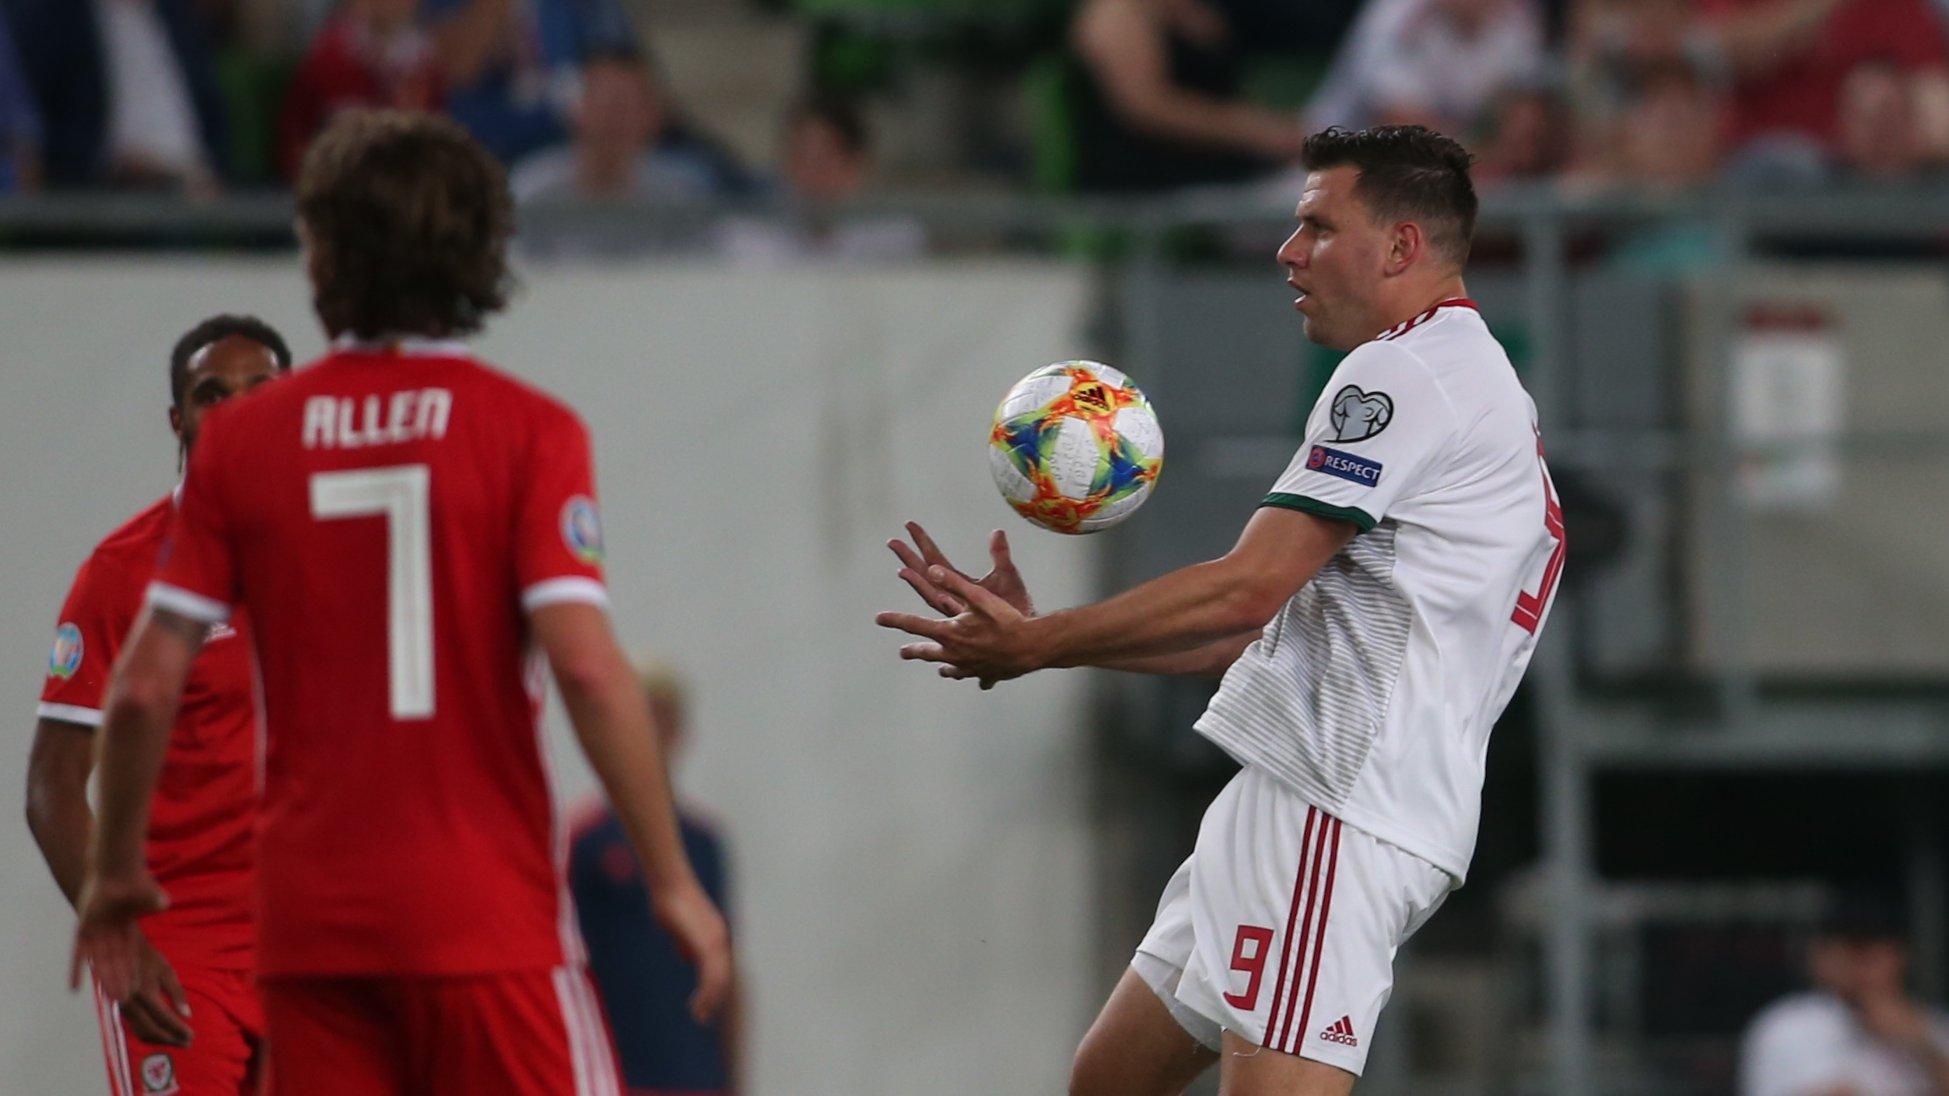 1 on 1 mérkőzés atlanta ga